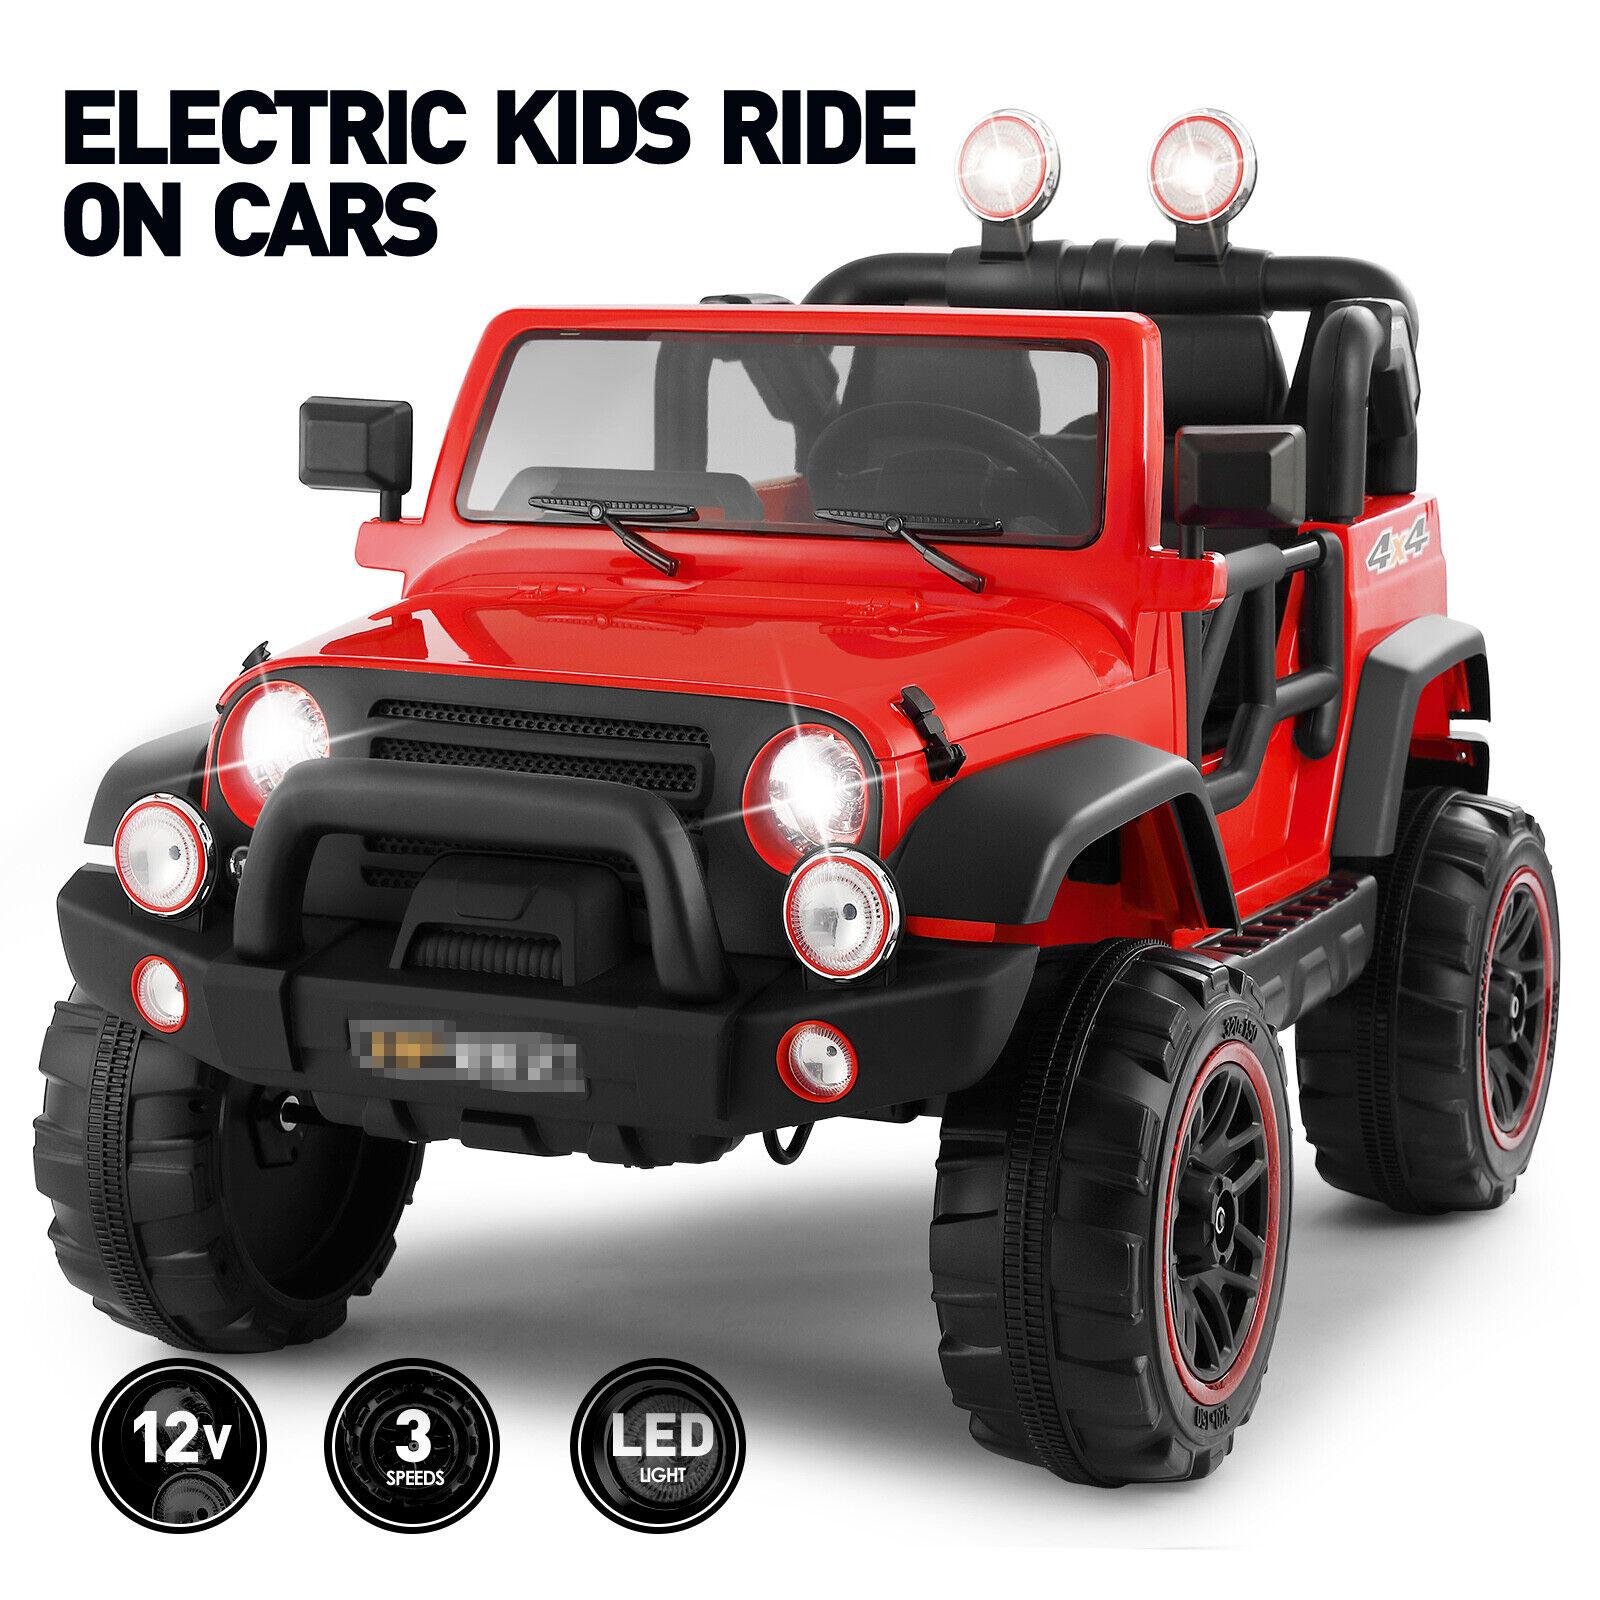 Electric Car For Kids Girls Ride On Car Truck 6v Remote 3 Speed Led Light Pink For Sale Online Ebay